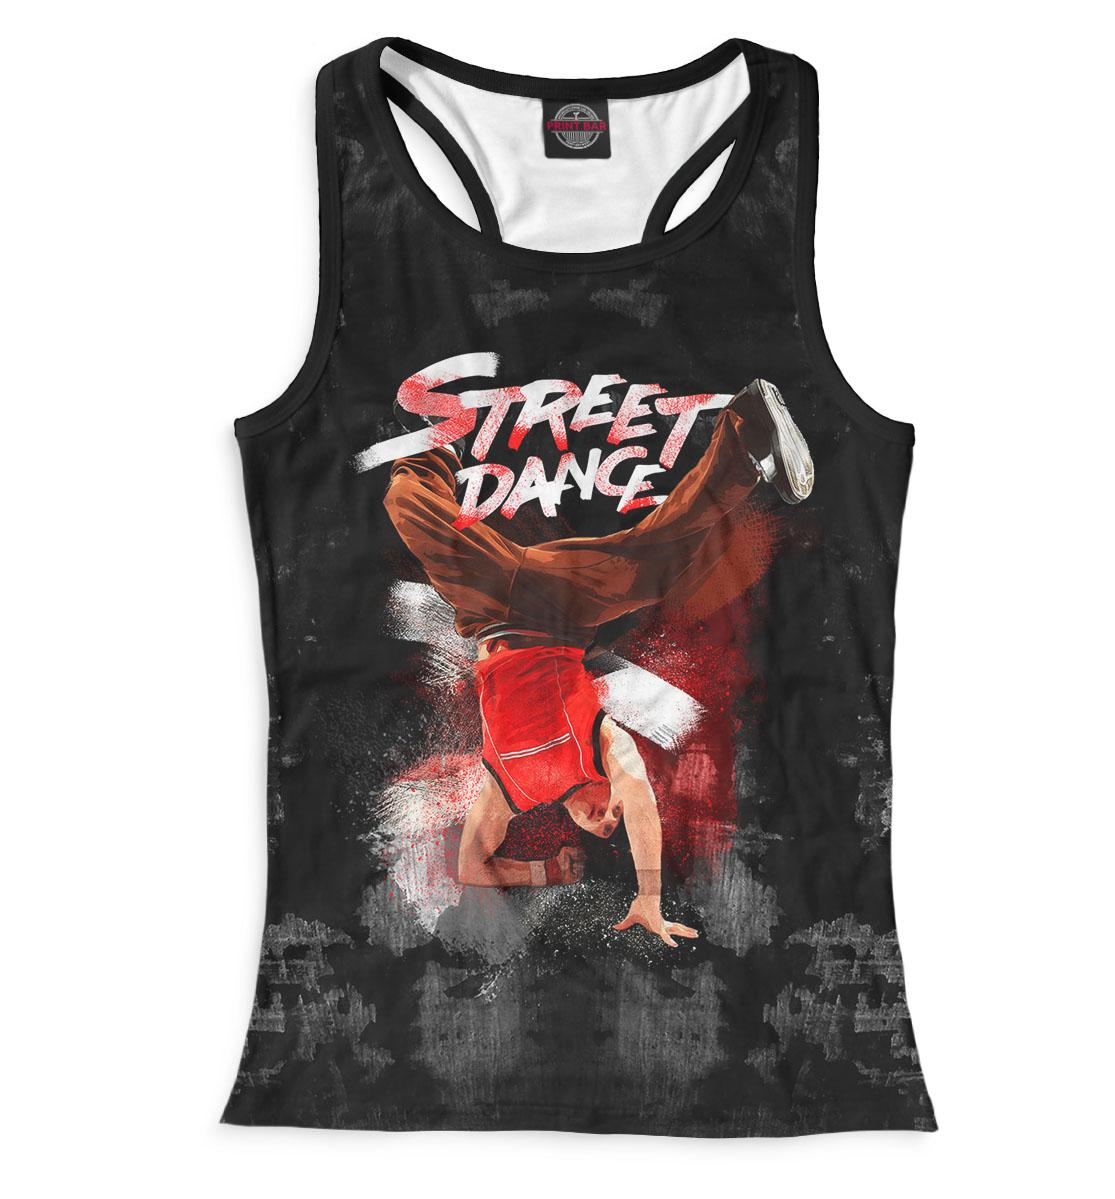 Купить Street Dance, Printbar, Майки борцовки, DNC-715138-mayb-1